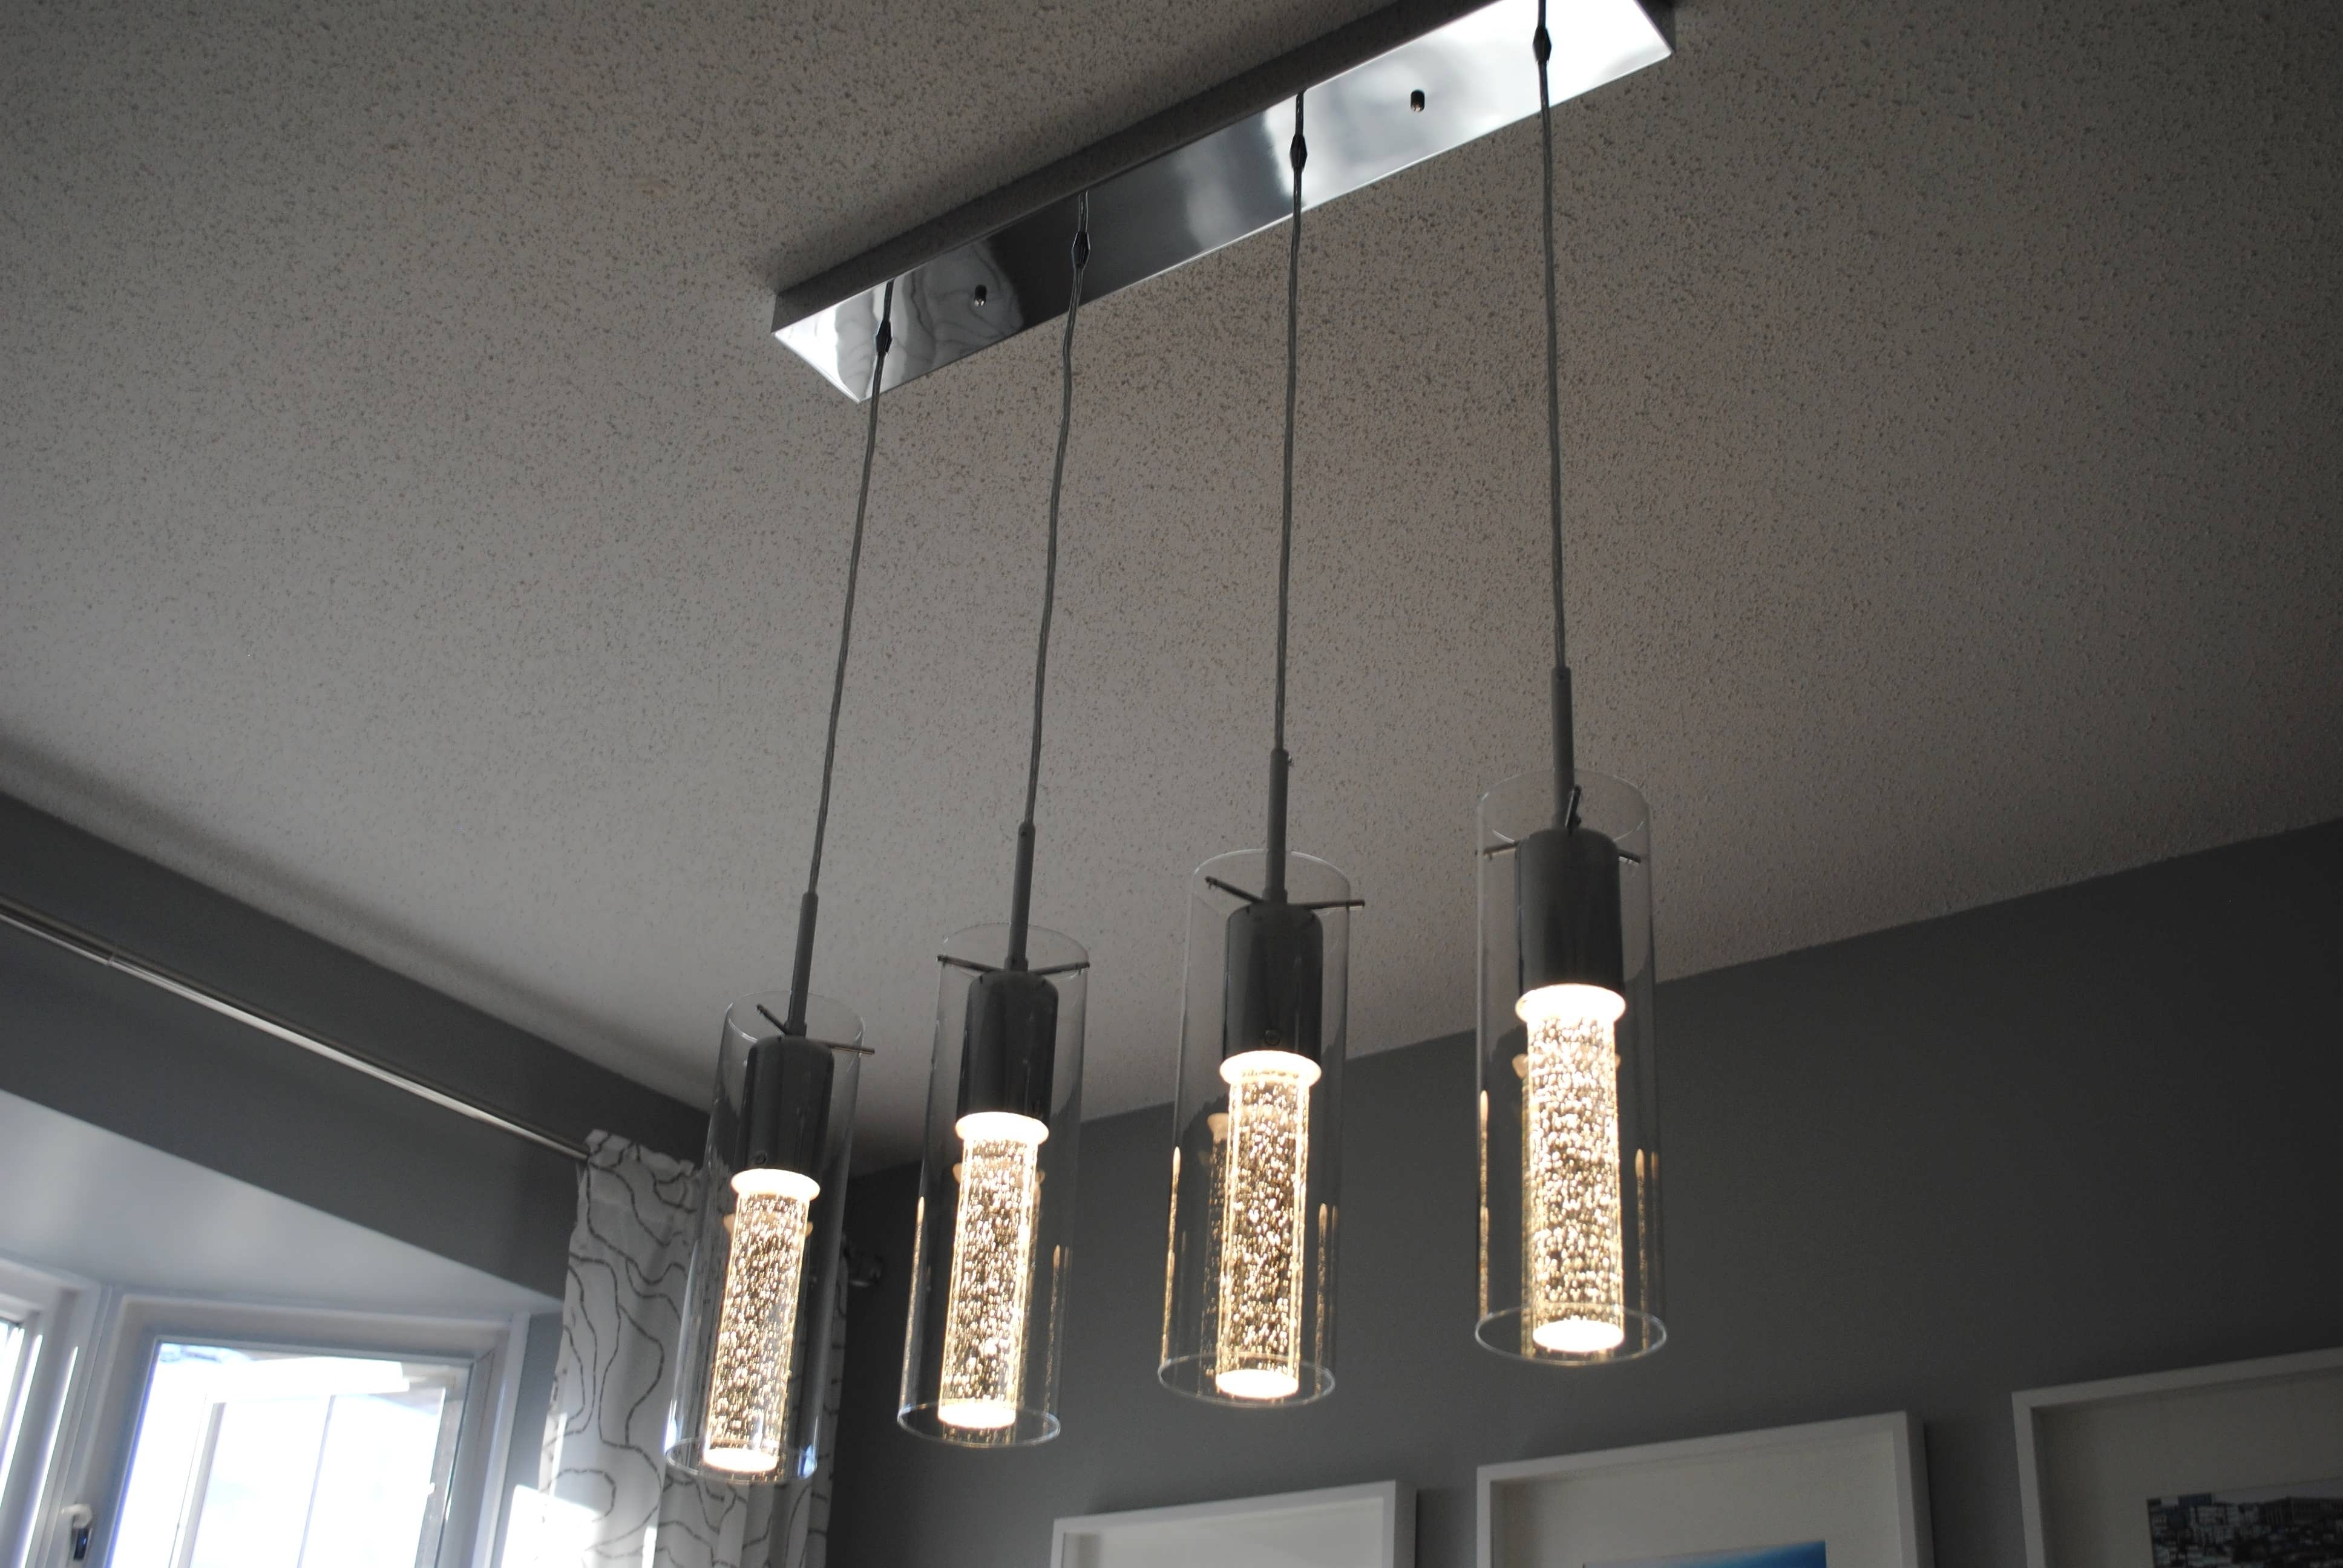 Recent Costco Lighting Chandeliers In Bathroom Lighting Costco Light Fixtures Home Depot Chandeliers (View 1 of 15)